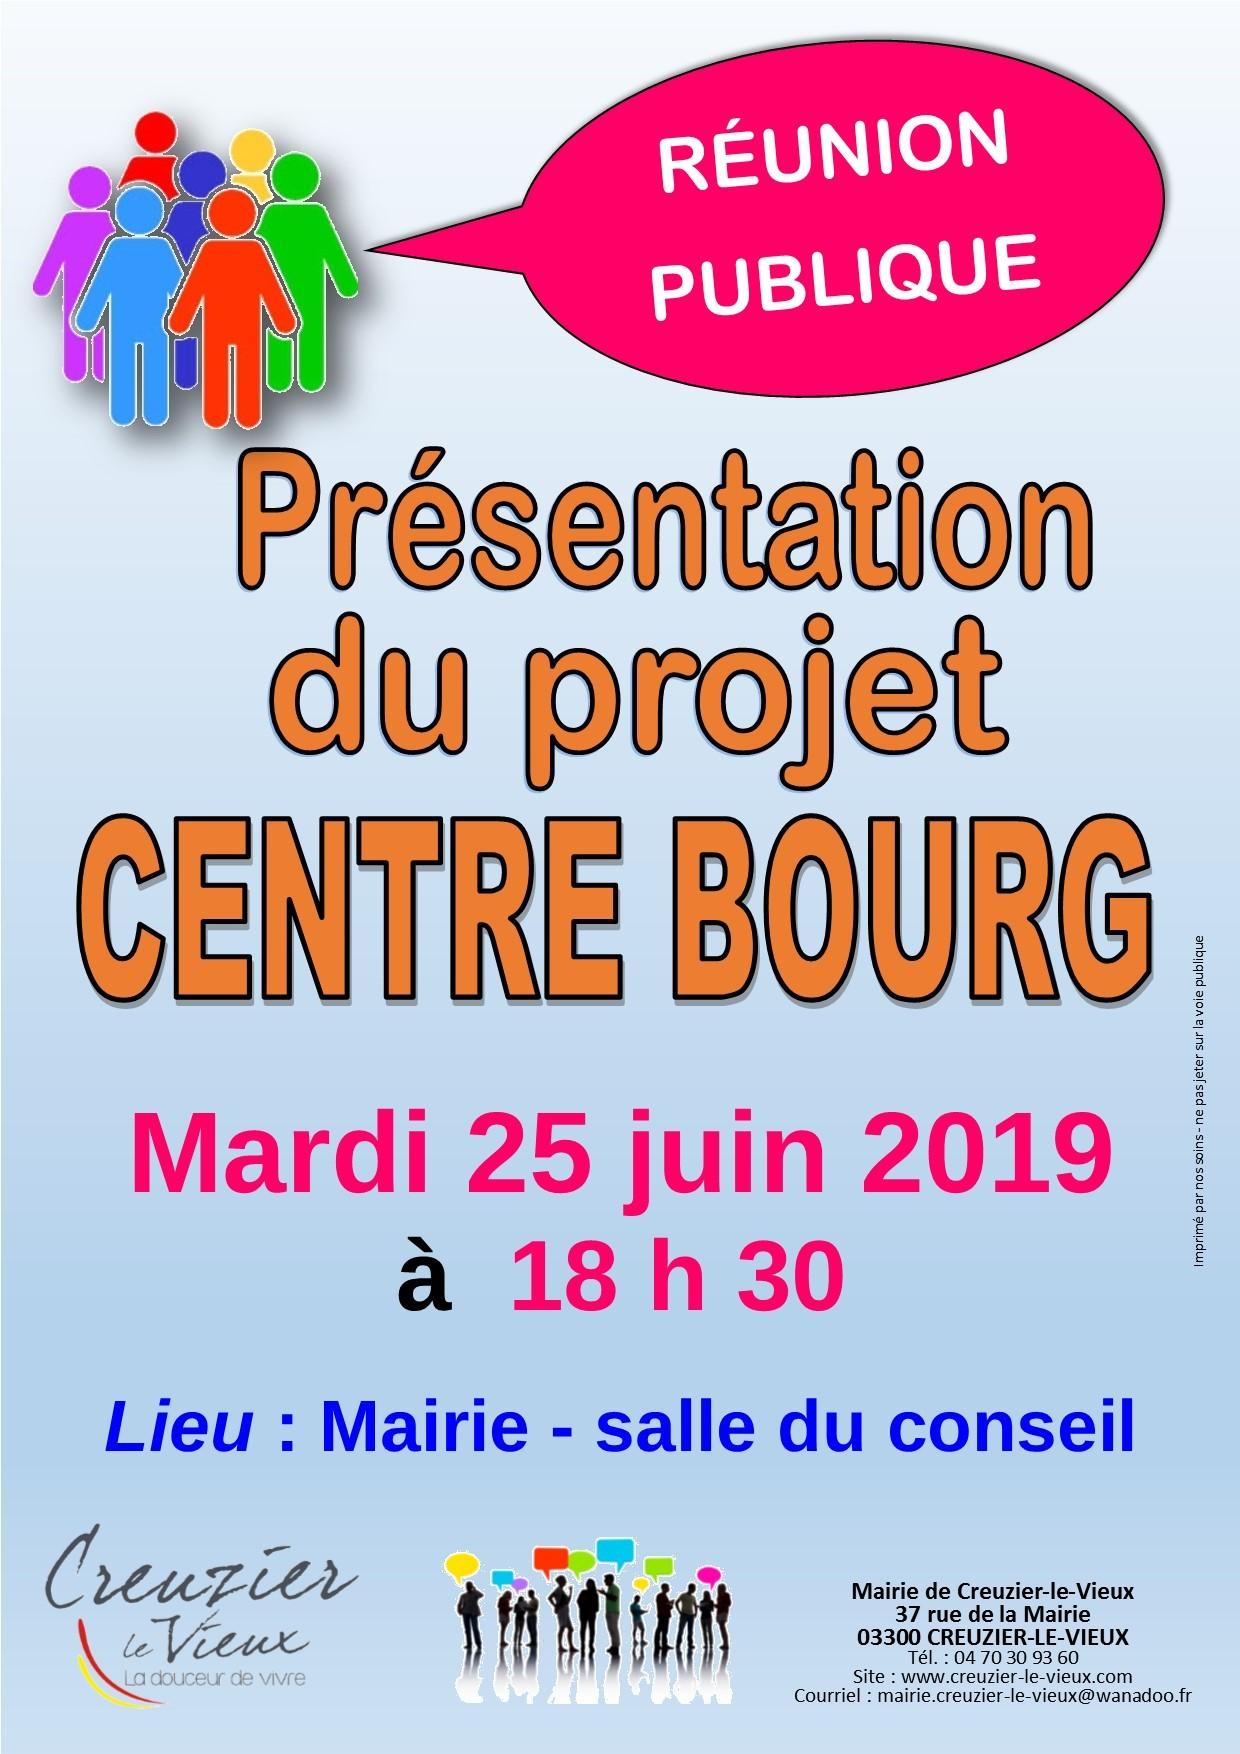 réunion publique - centre bourg